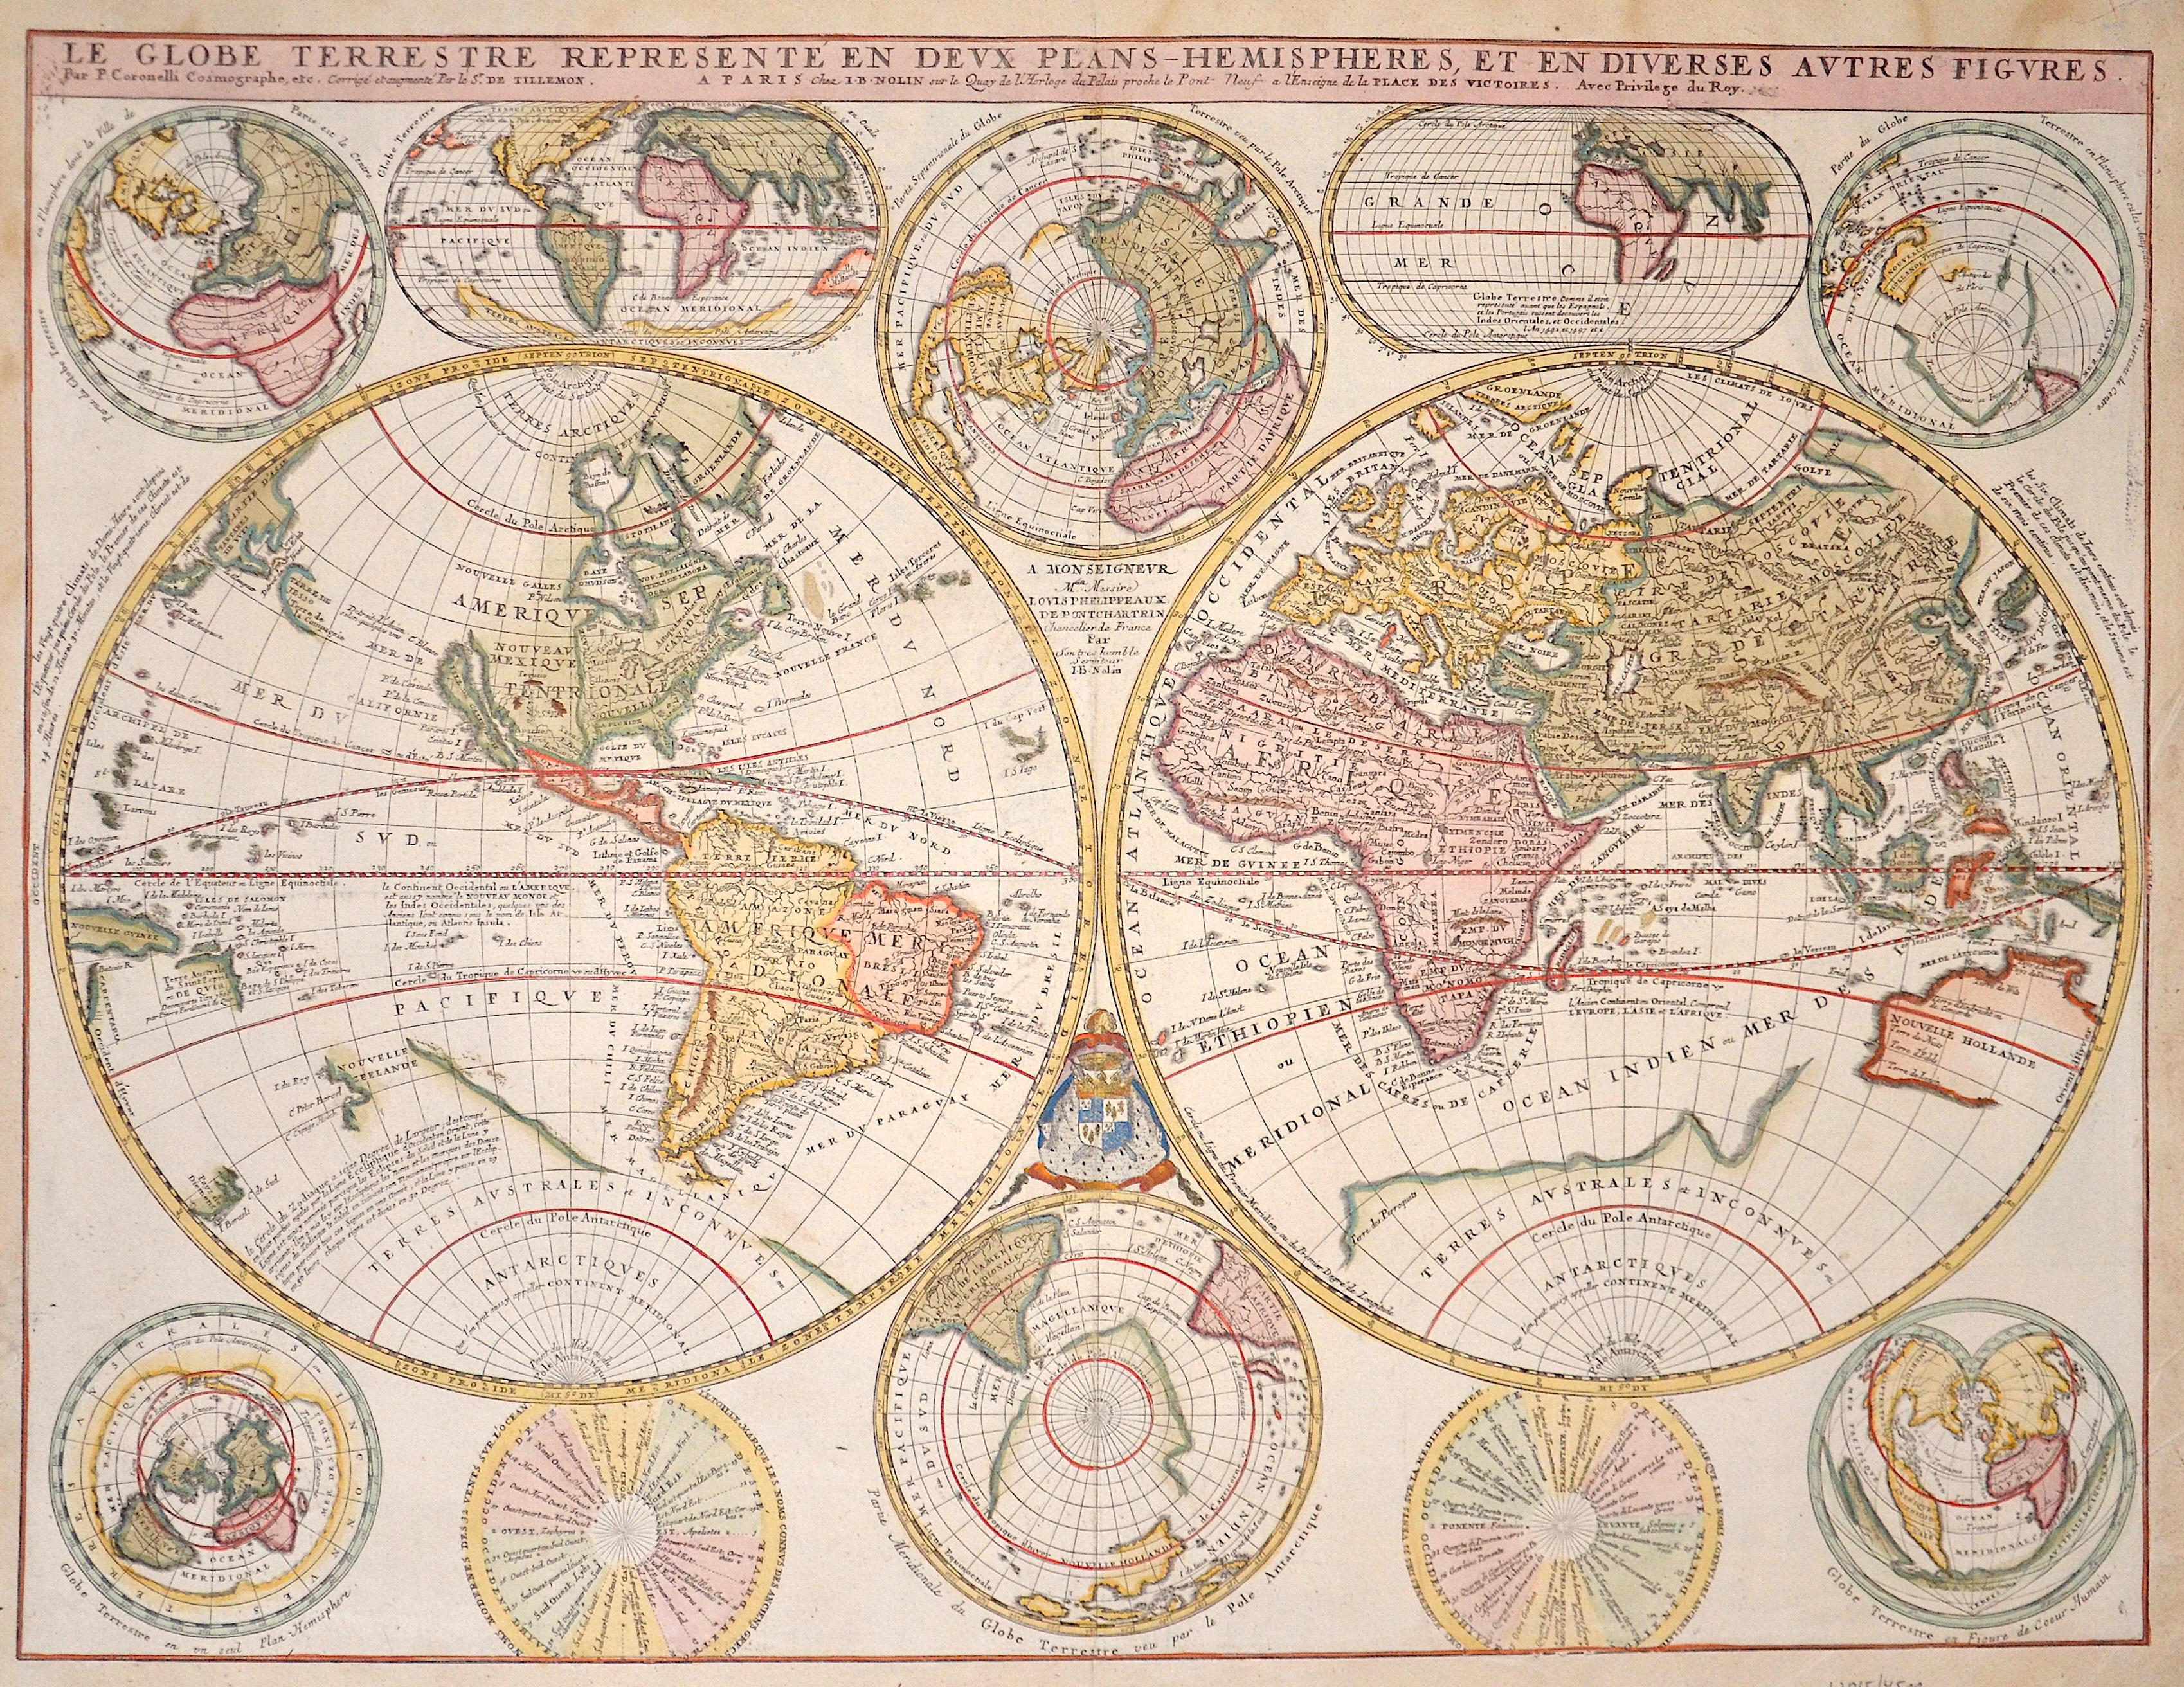 Nolin/Coronelli  Le Globe Terrestre representé en duex plans- Hemispheres, et en diverses autres figures